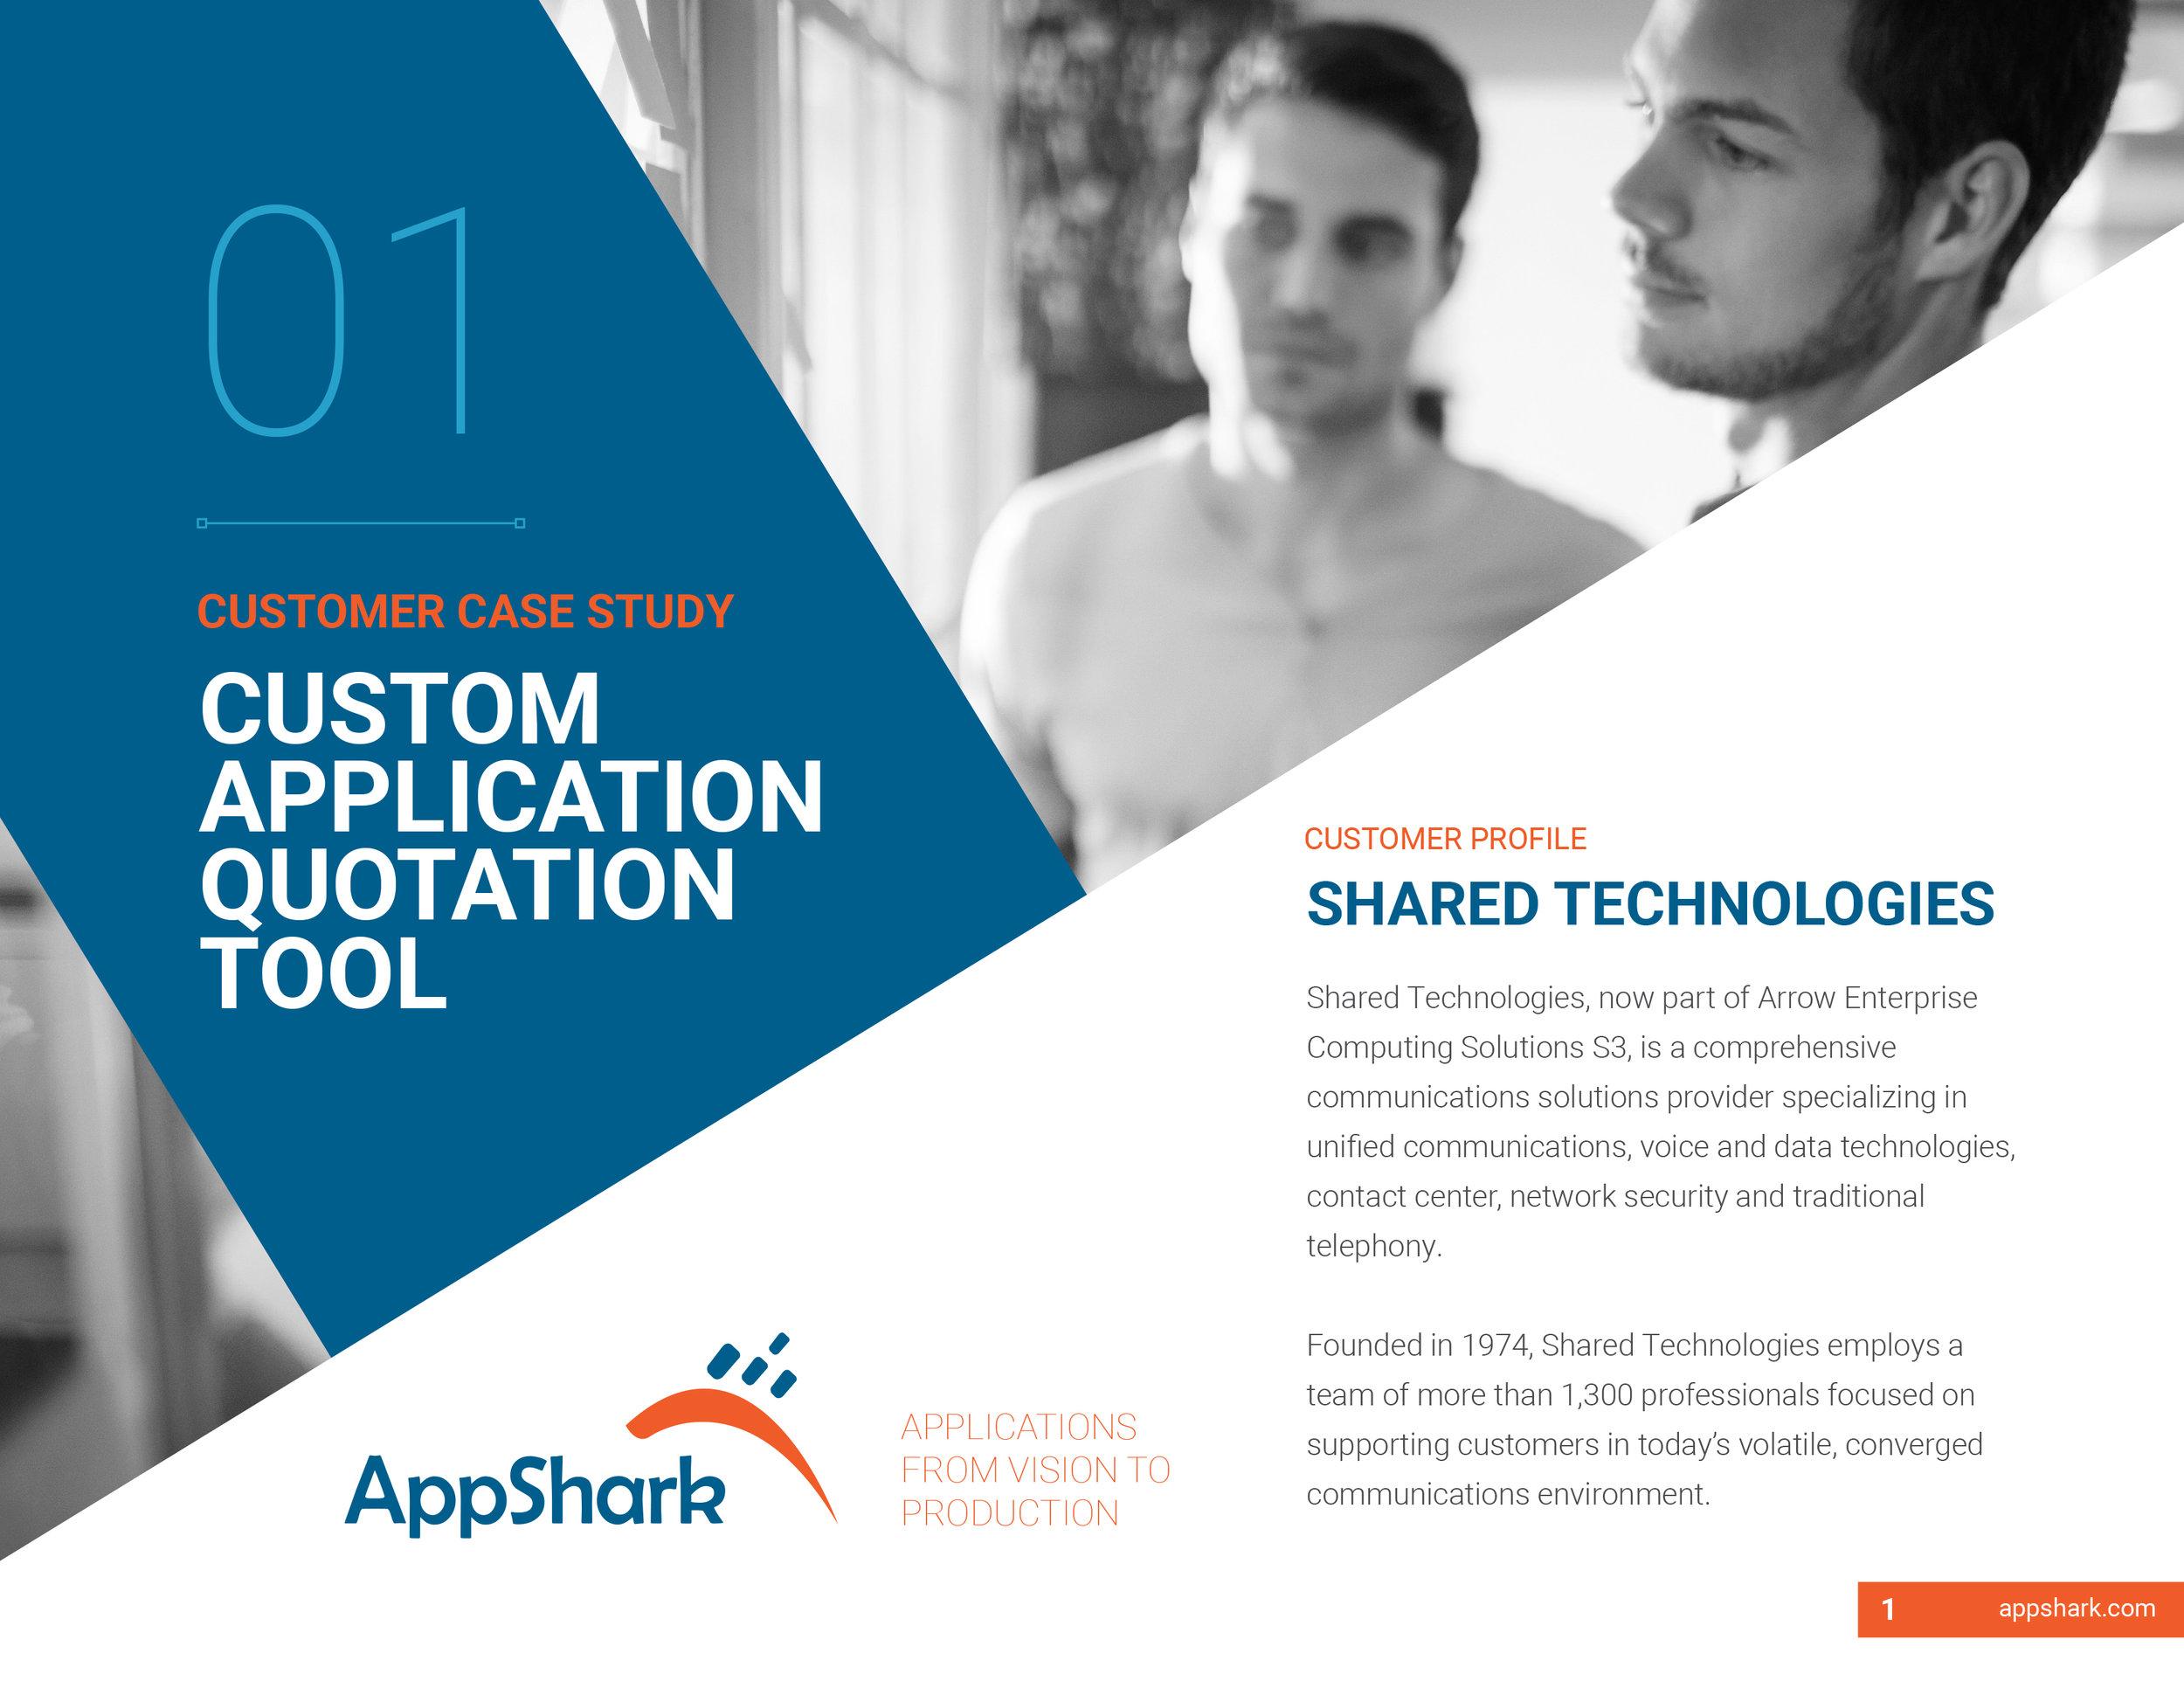 AppShark-CS-Template_Draft-1-1.jpg